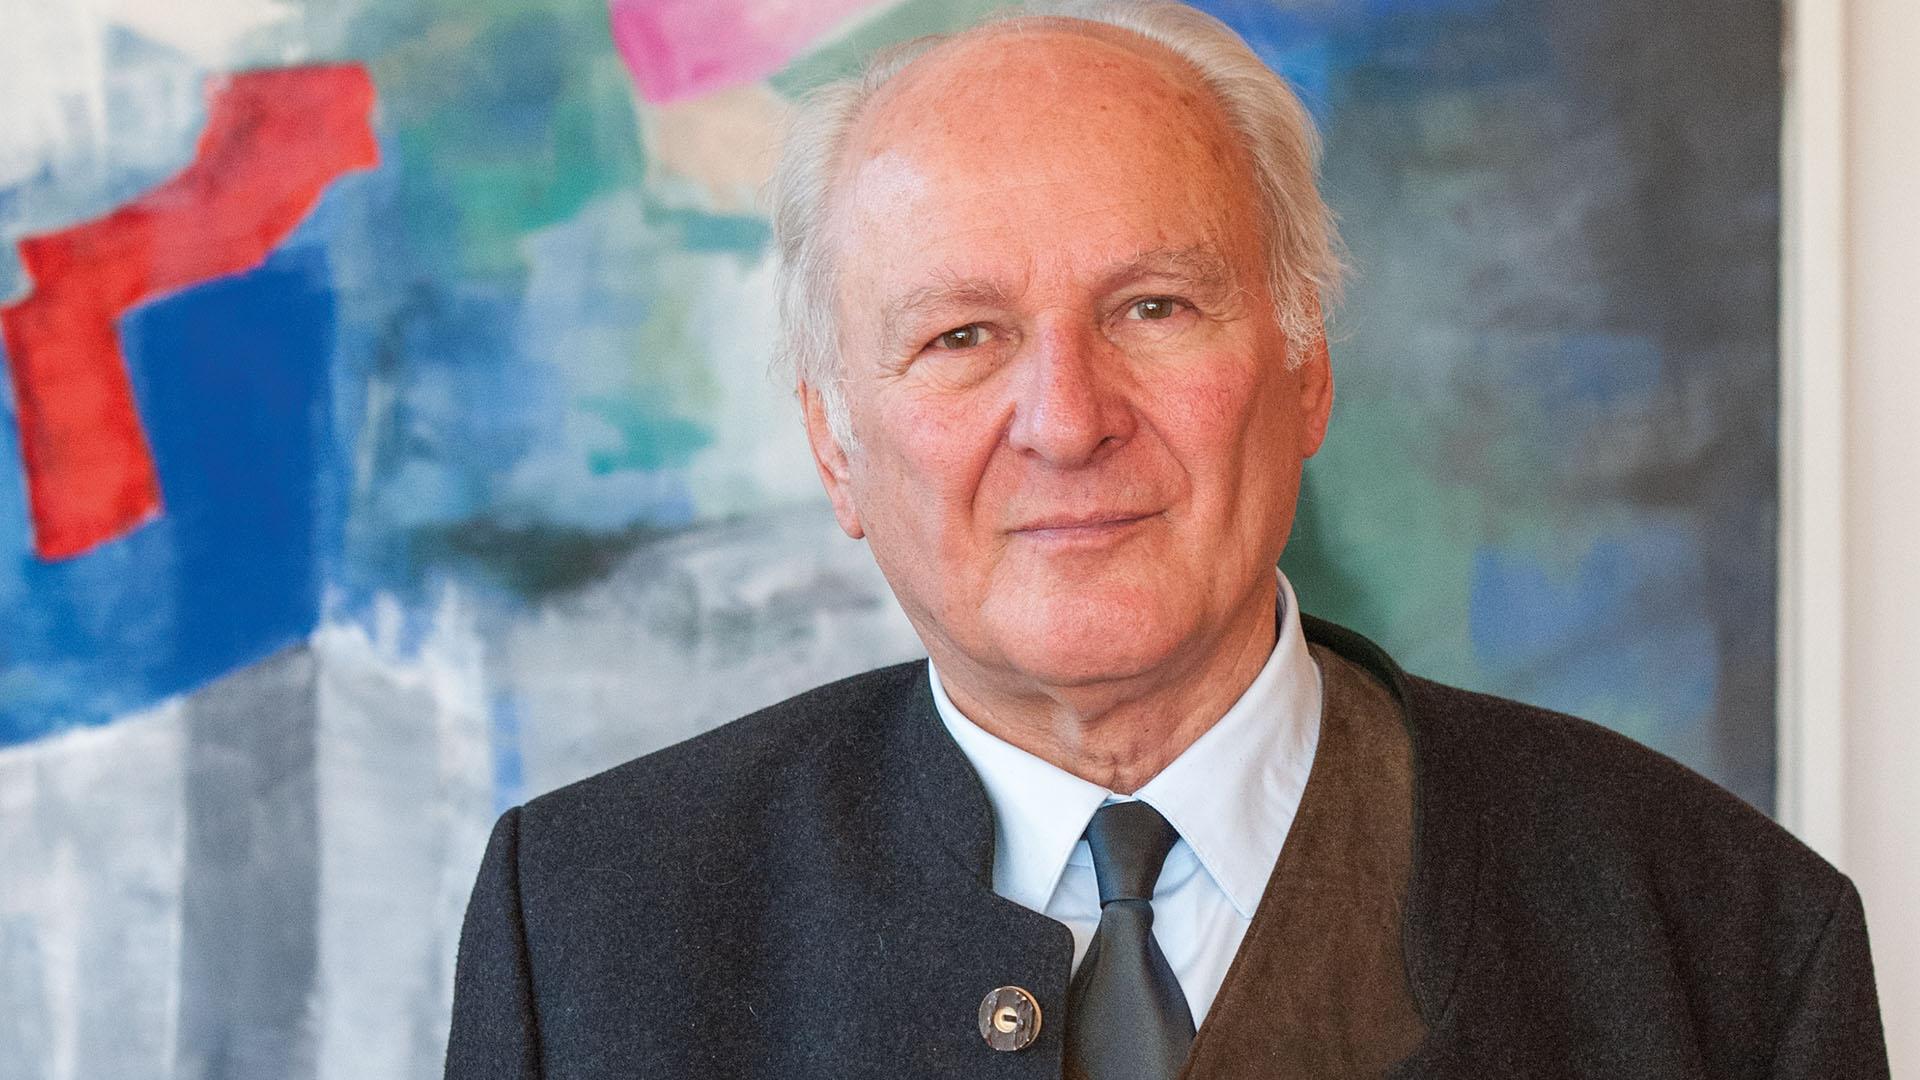 Claus Hipp wollte als junger Mann einmal Maler werden. Doch 1967 übernahm er das väterliche Unternehmen.